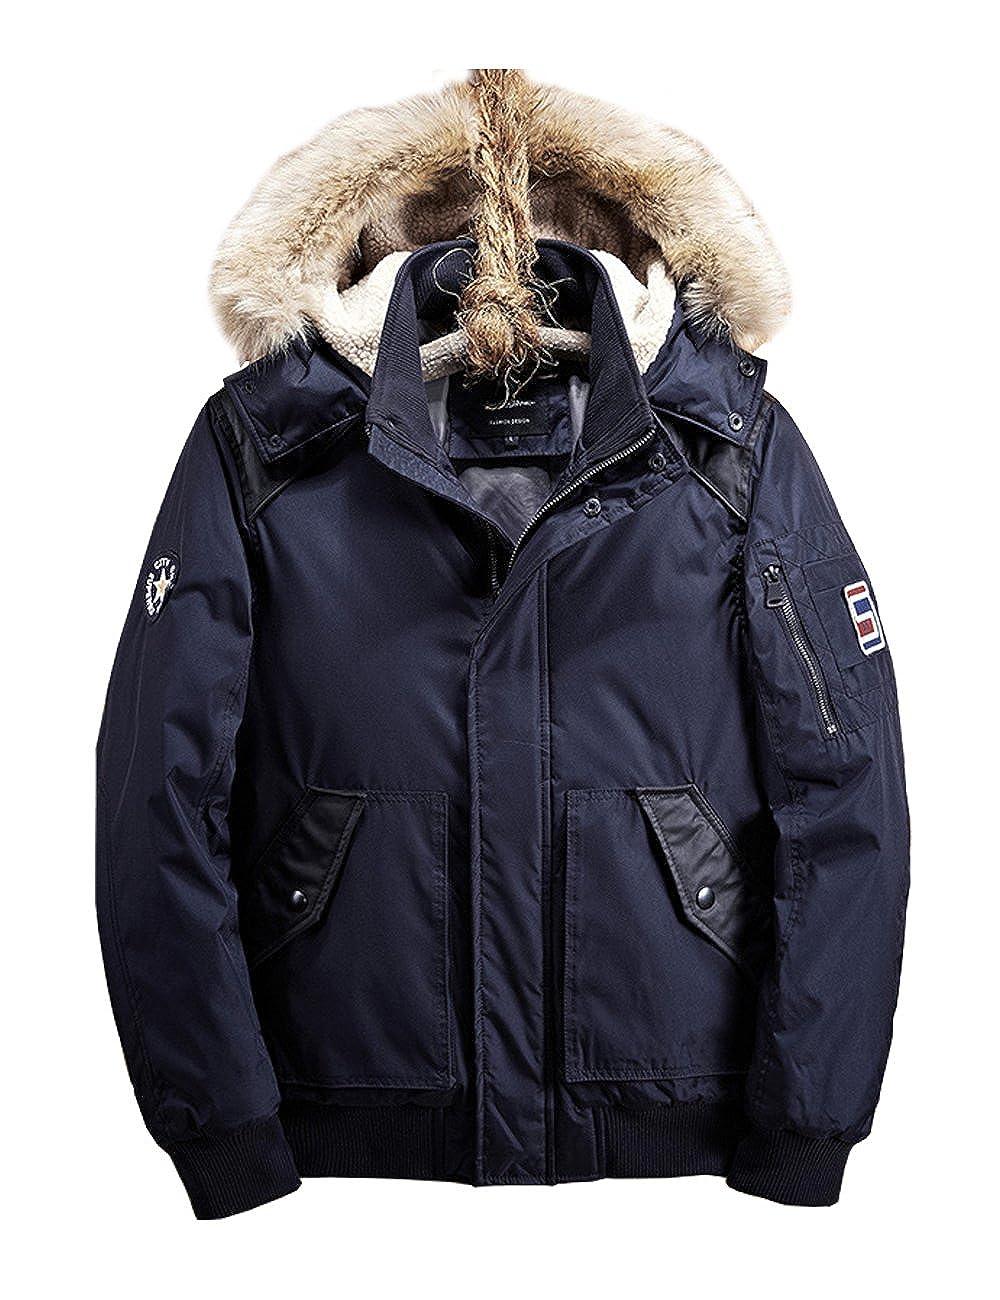 CUKKE Mens Down Zipper Jacket Detahable Fur Hooded Winter Jacket Windbreak Heavy Coat Wuxi Shuailande Trade Co. Ltd. CK-DSWP-2530